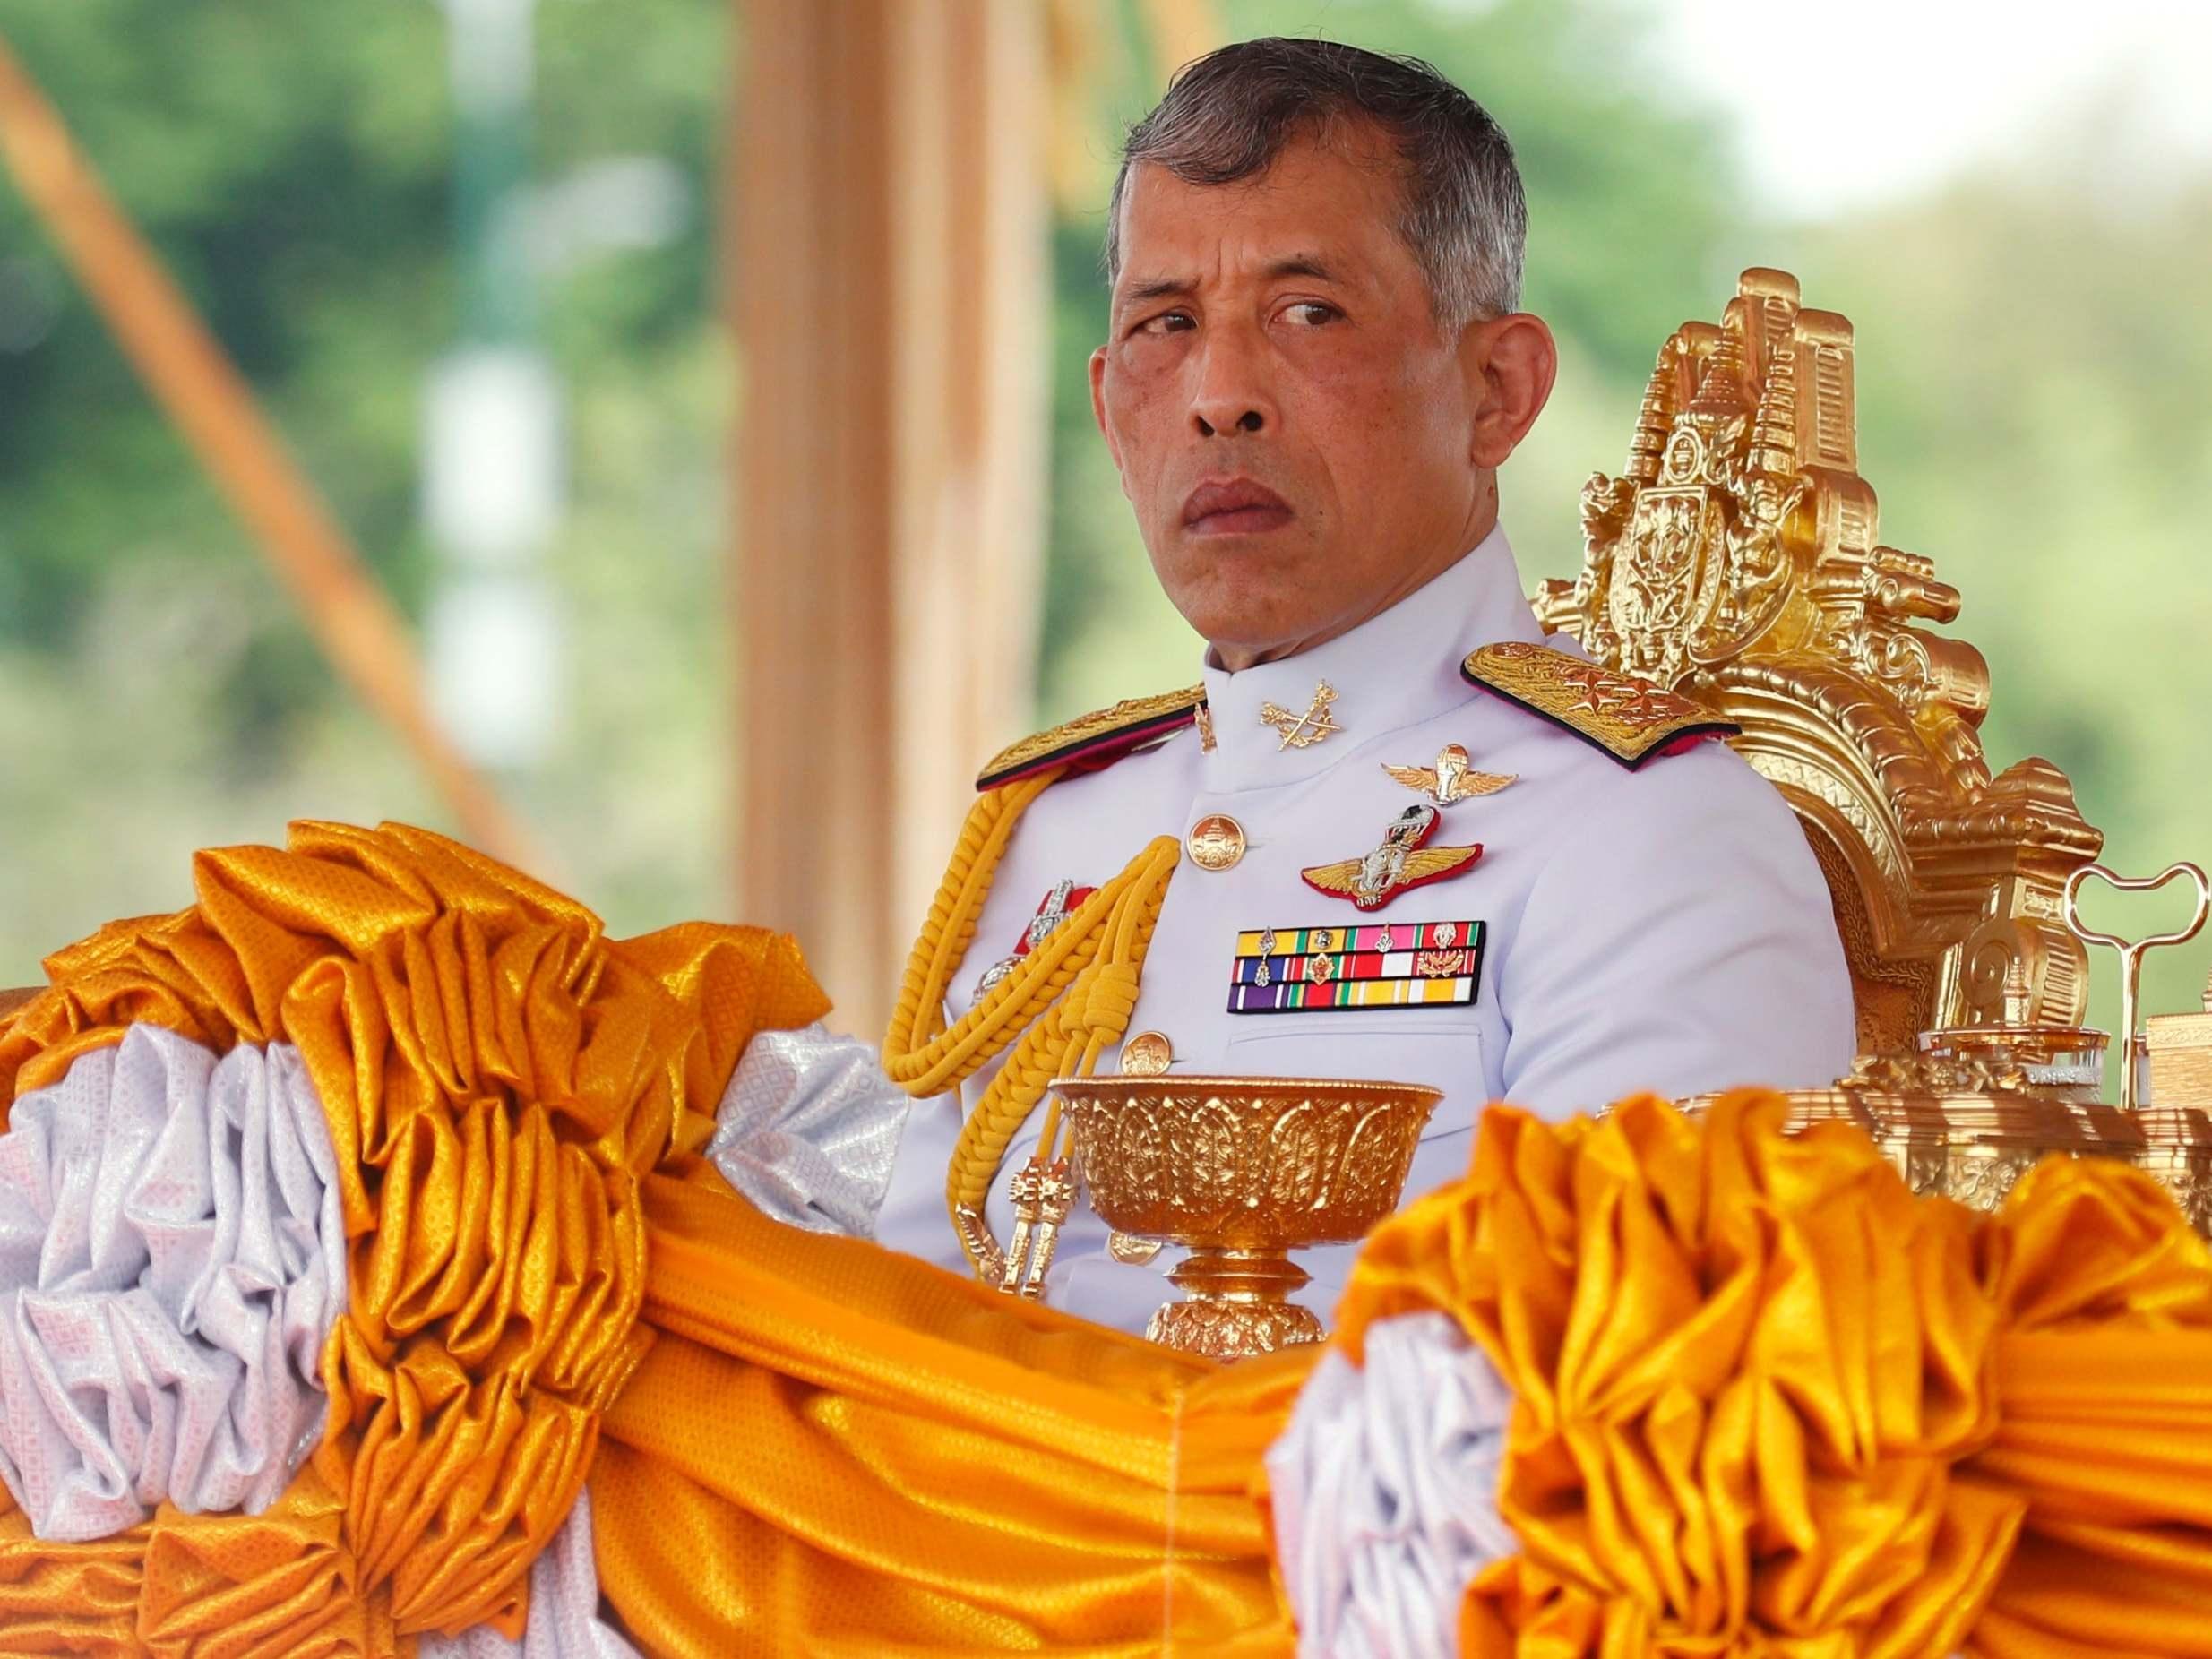 El rey de Tailandia se aísla del virus en un hotel en los Alpes con un harén de 20 mujeres [ING]